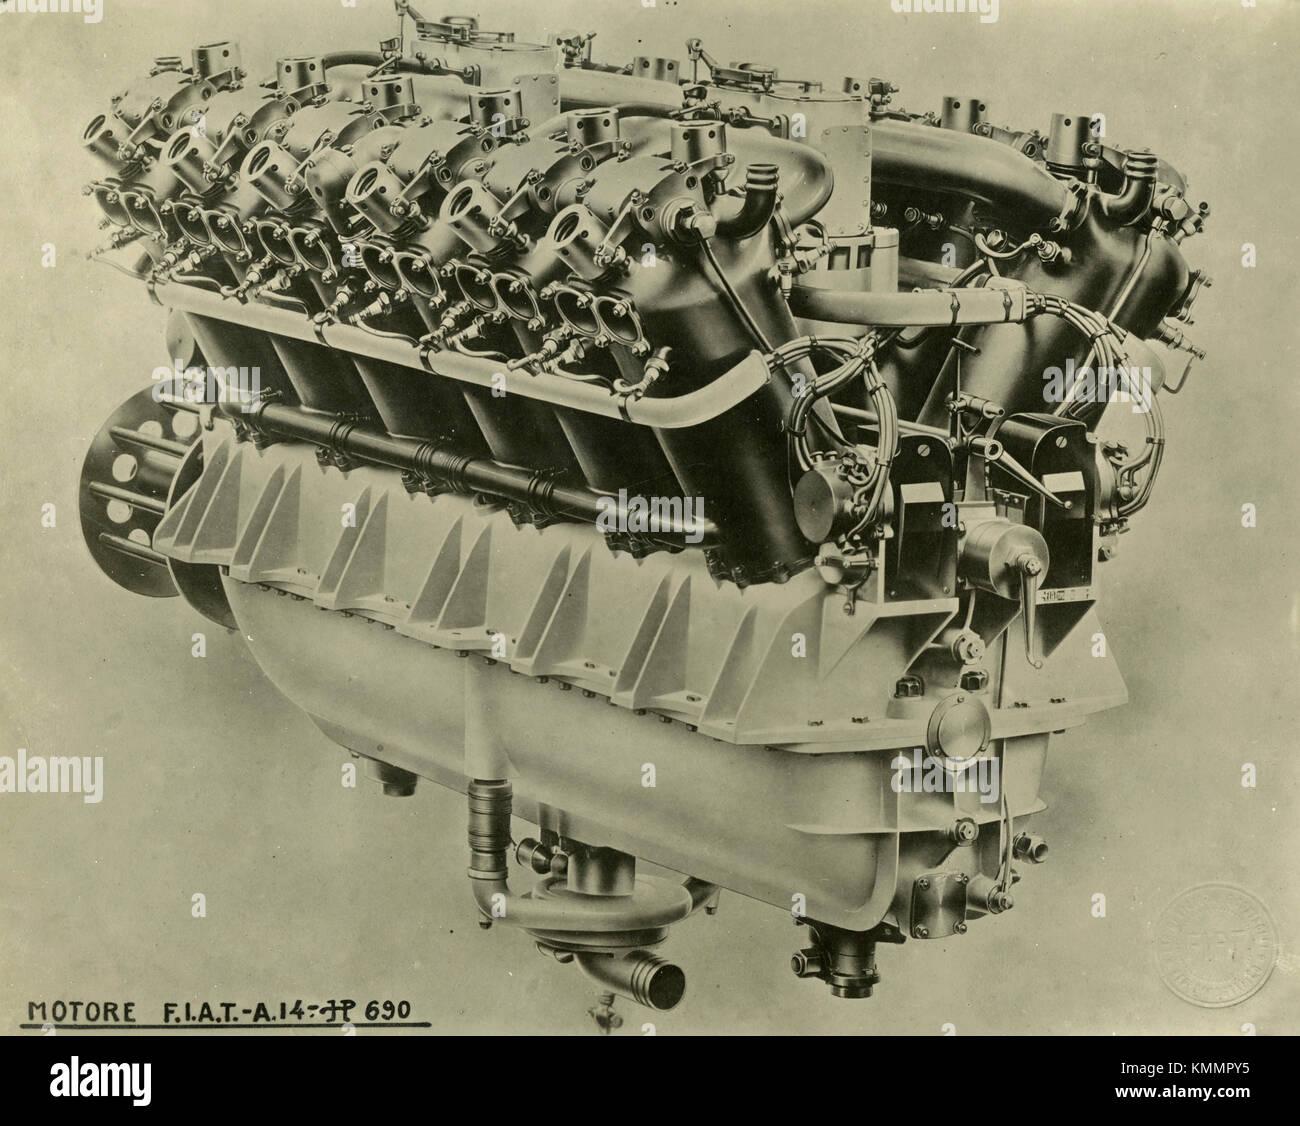 L'aviation d'un moteur Fiat 14 hp.690, Italie 1920 Photo Stock